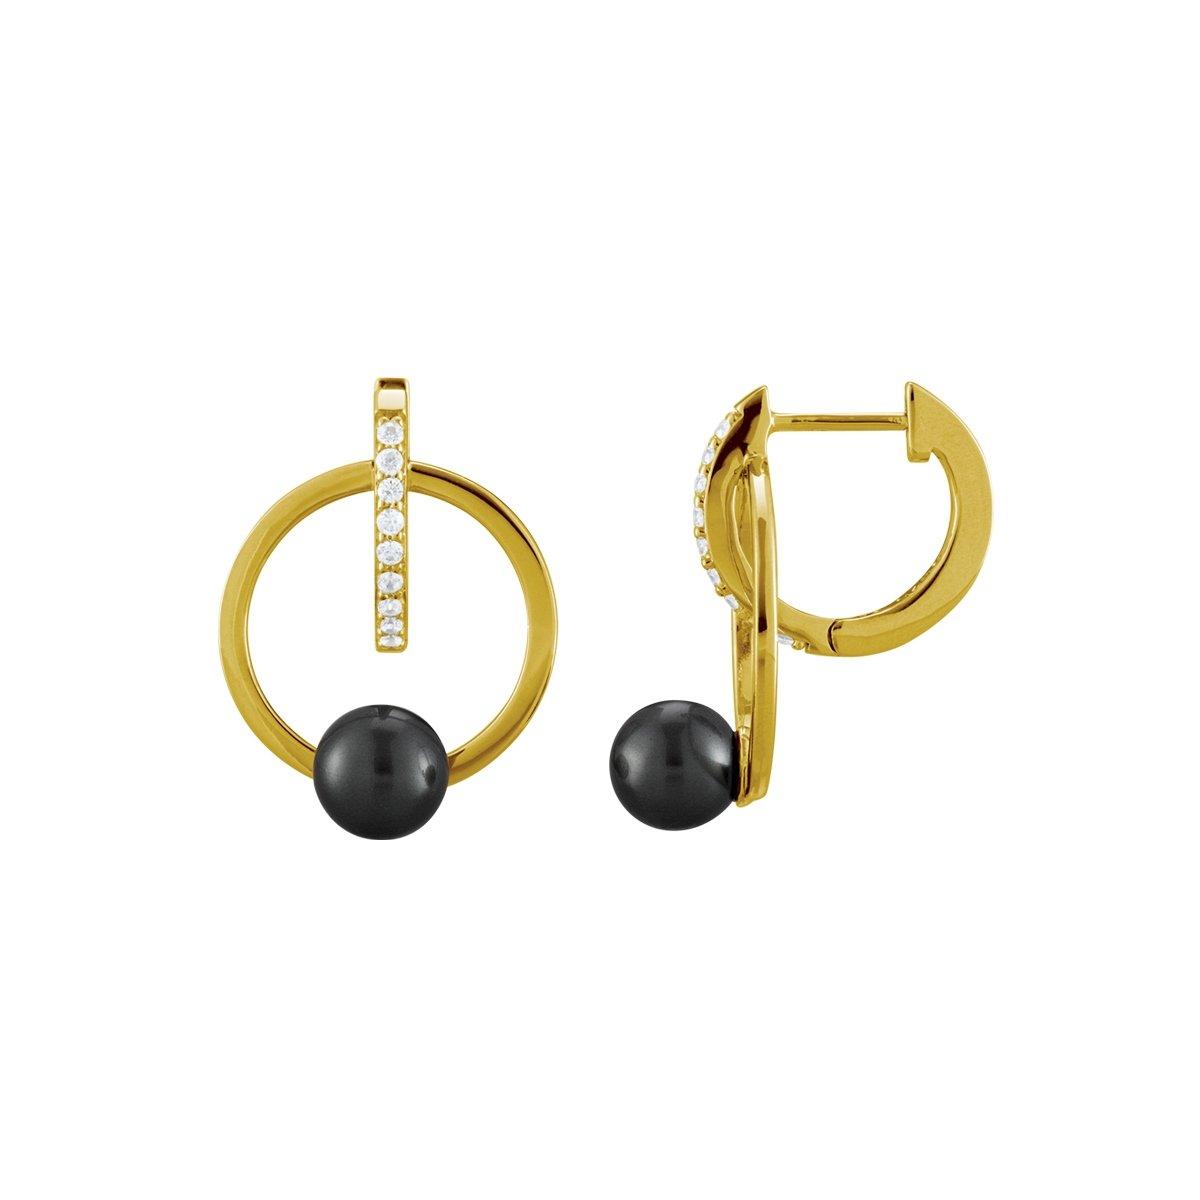 Boucles d'oreilles Jourdan Bijoux Venus en argent, oxyde de zirconium et perles